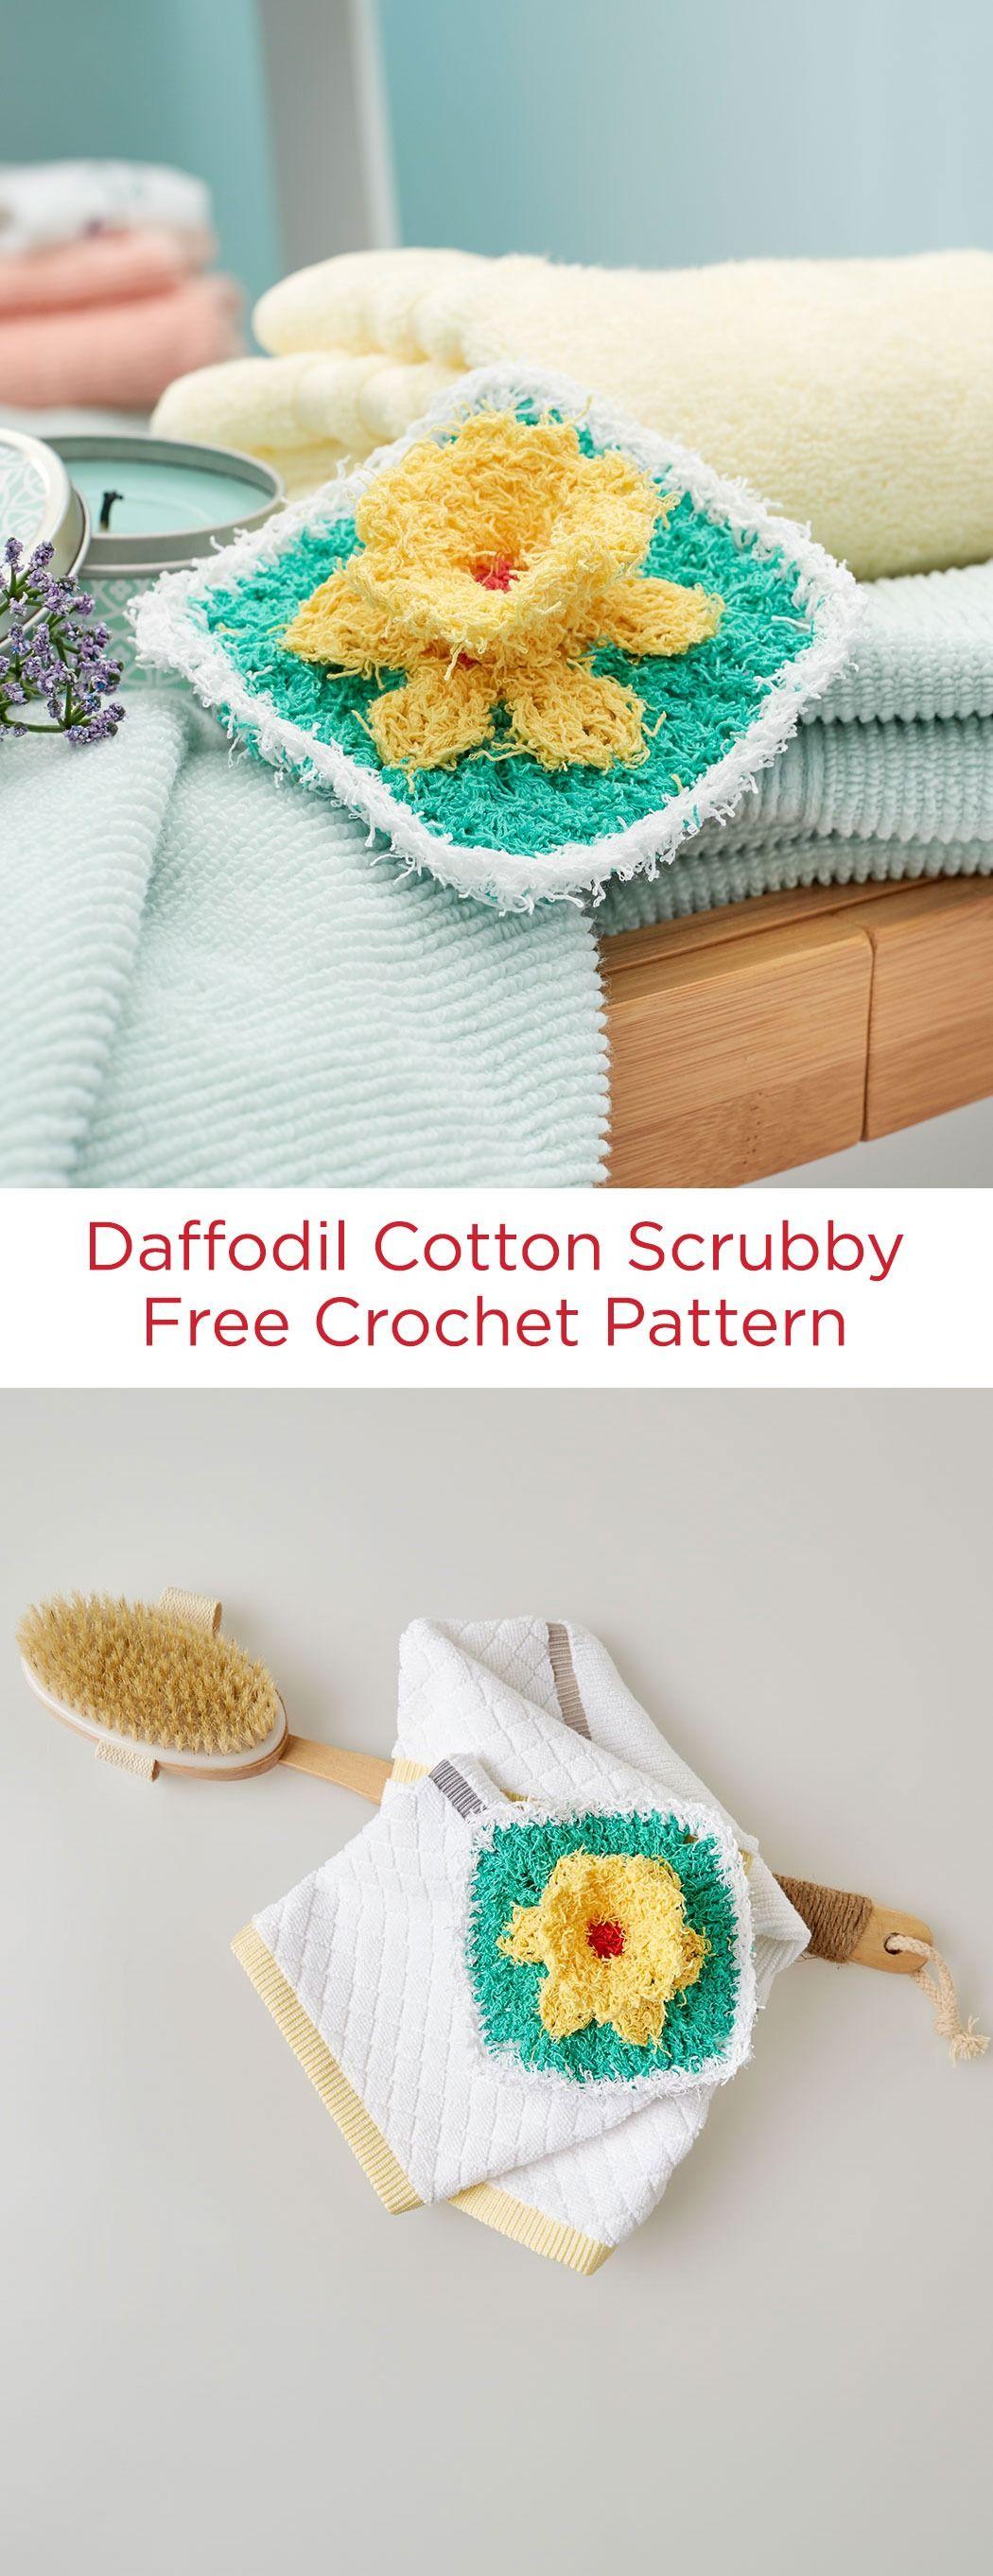 daffodil cotton scrubby free crochet pattern in red heart scrubby